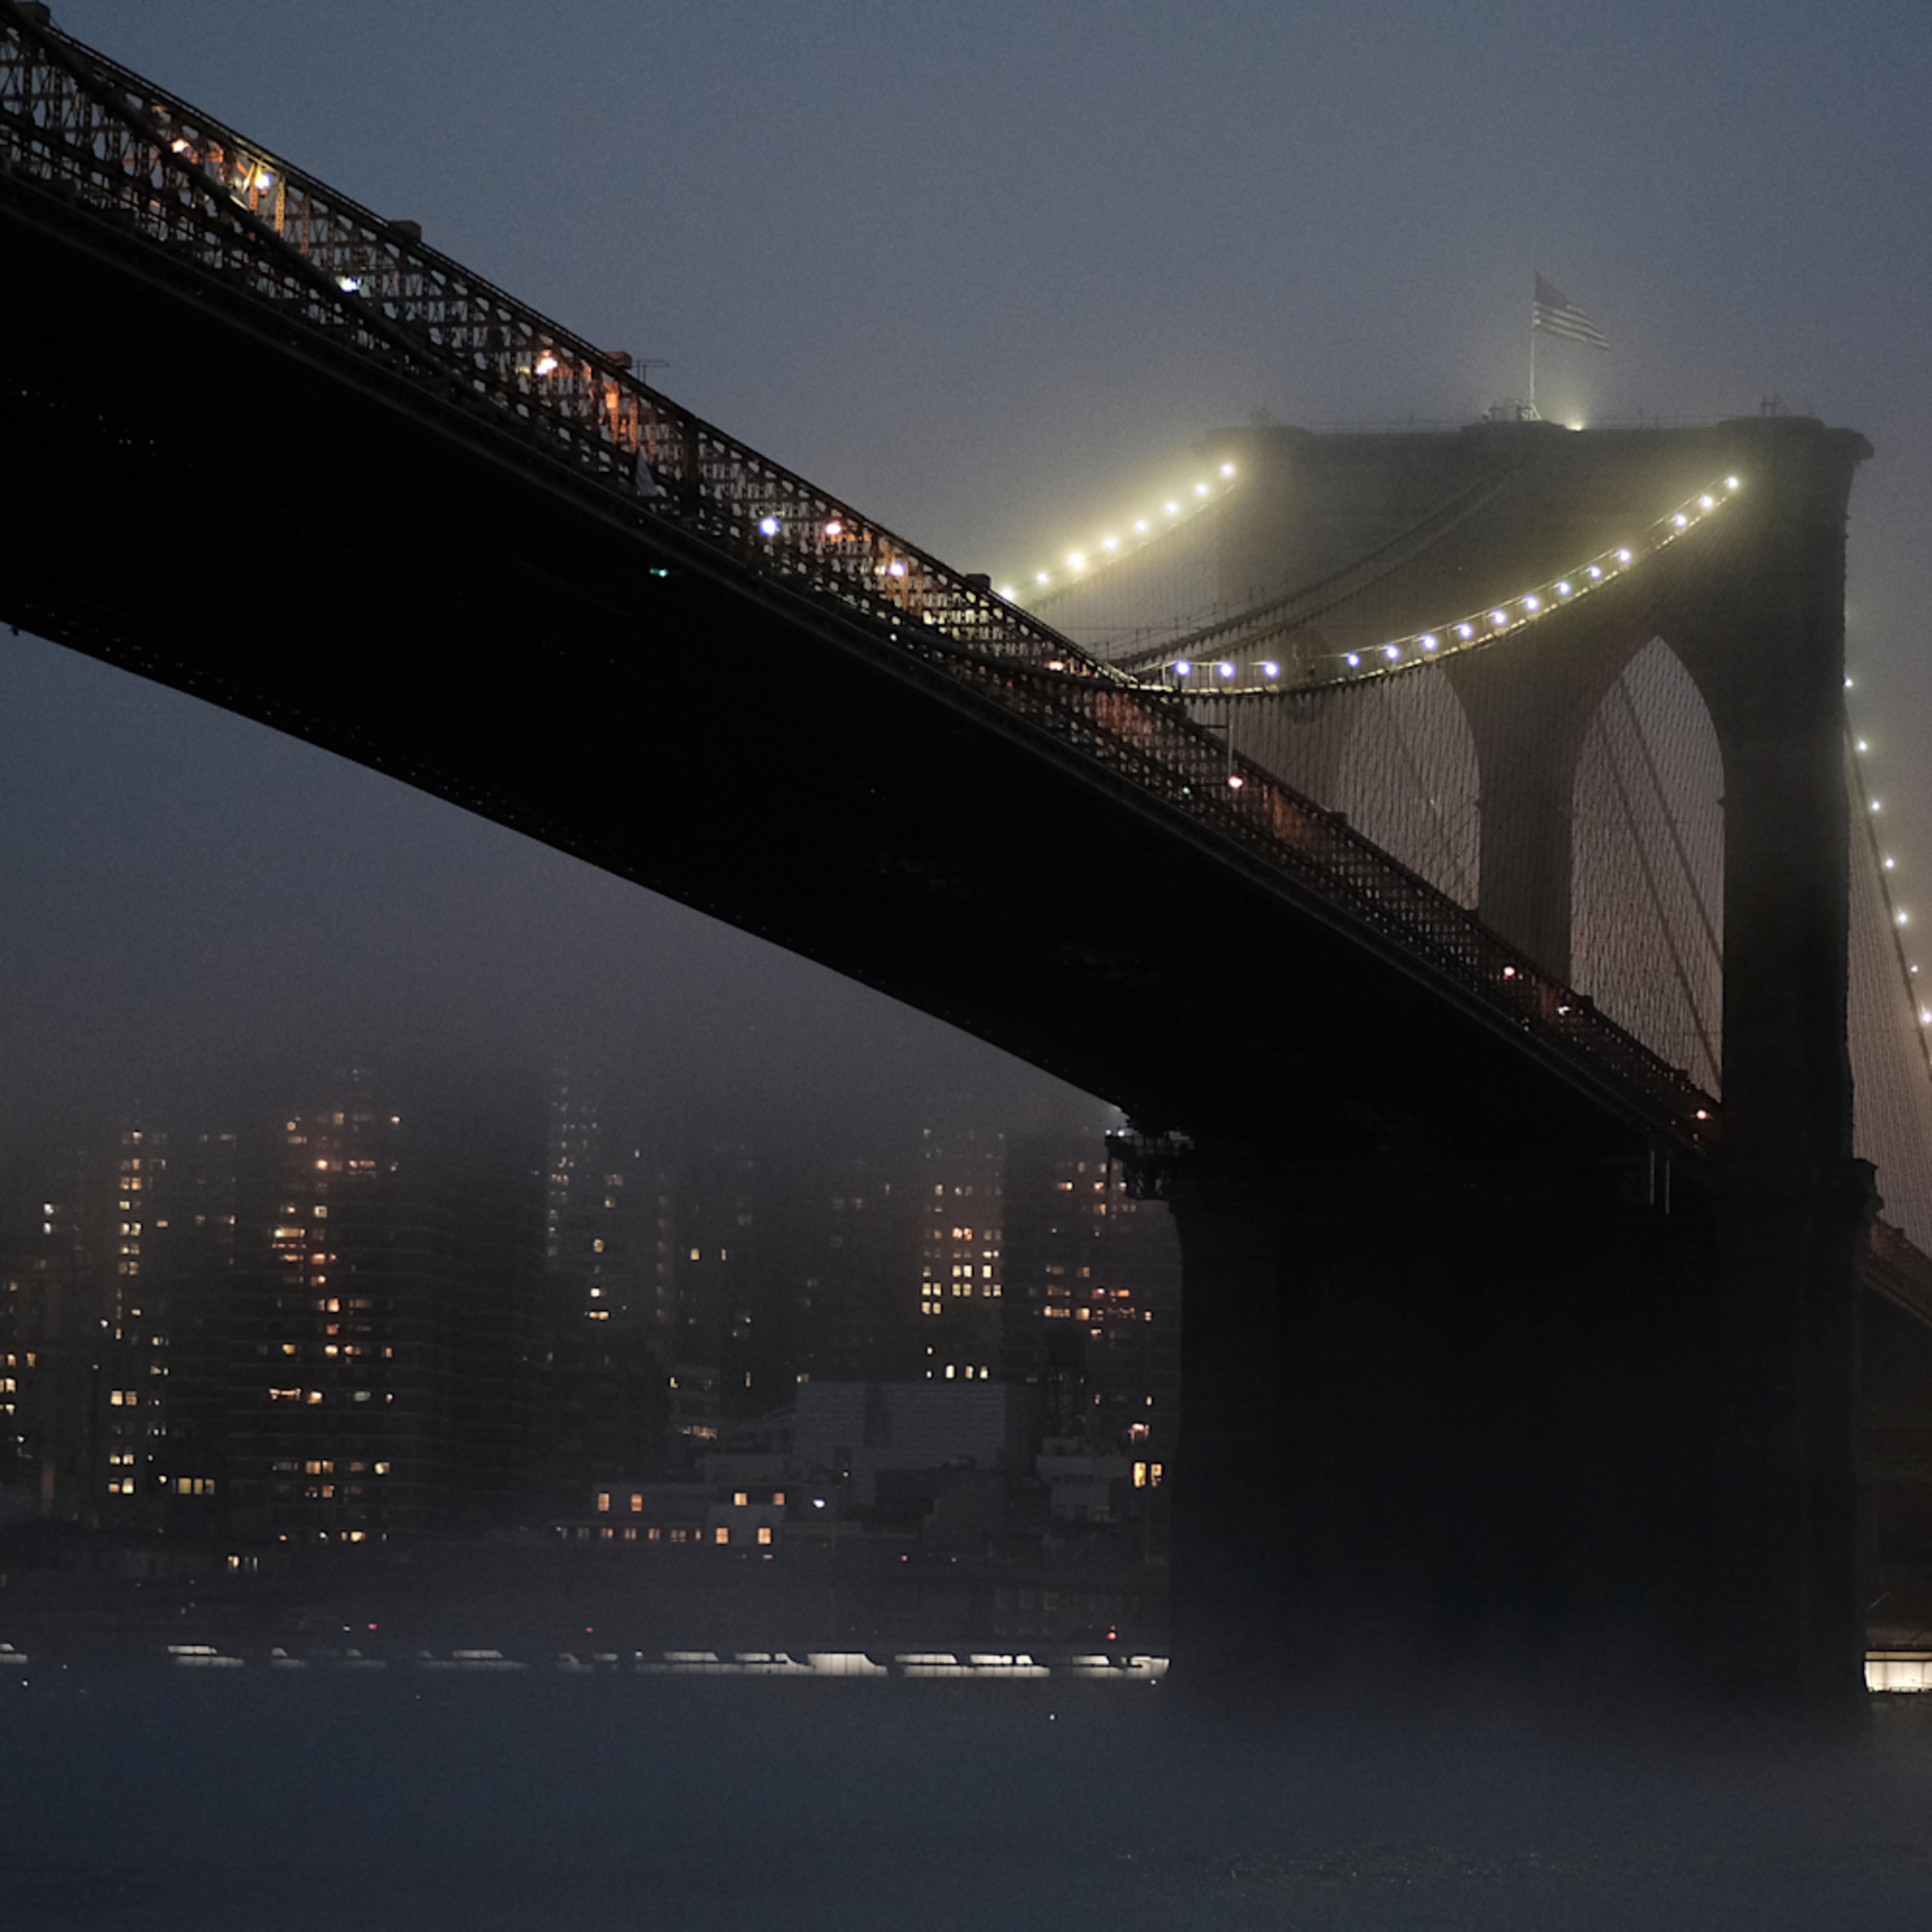 Dscf8280 fog on bridge oto17t